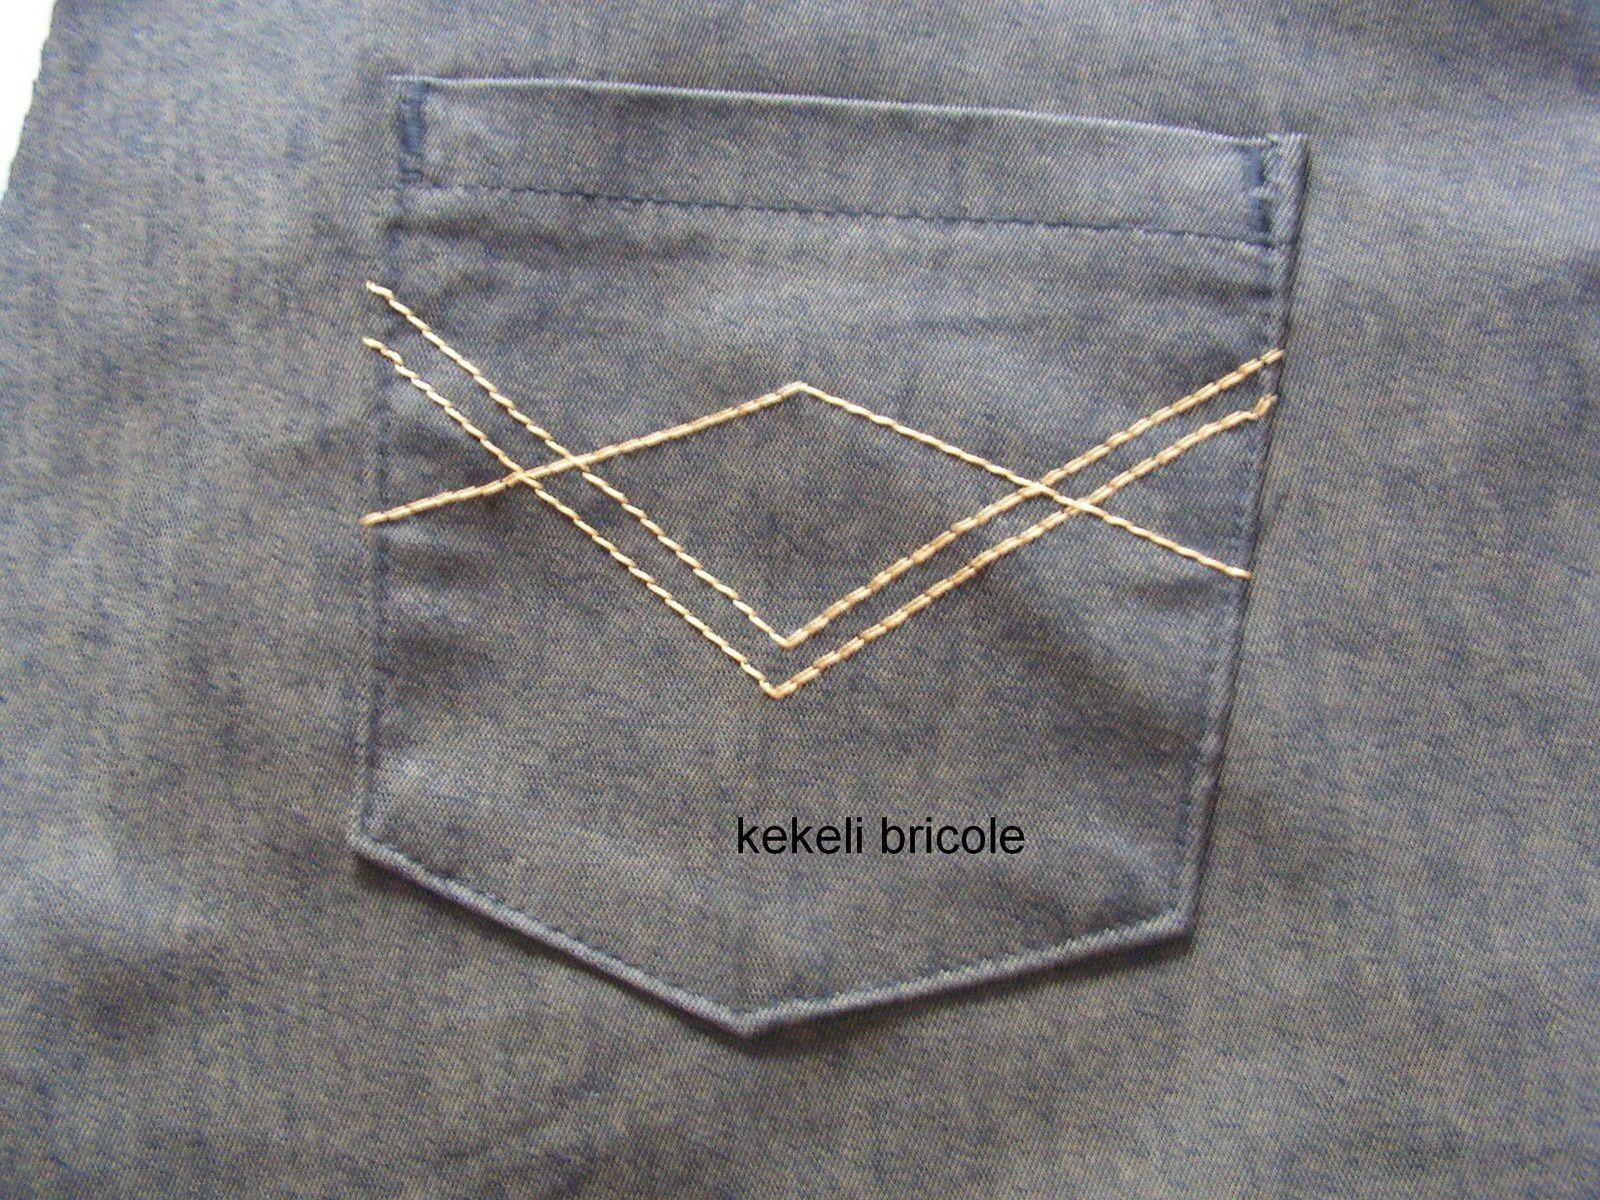 Coudre un jean